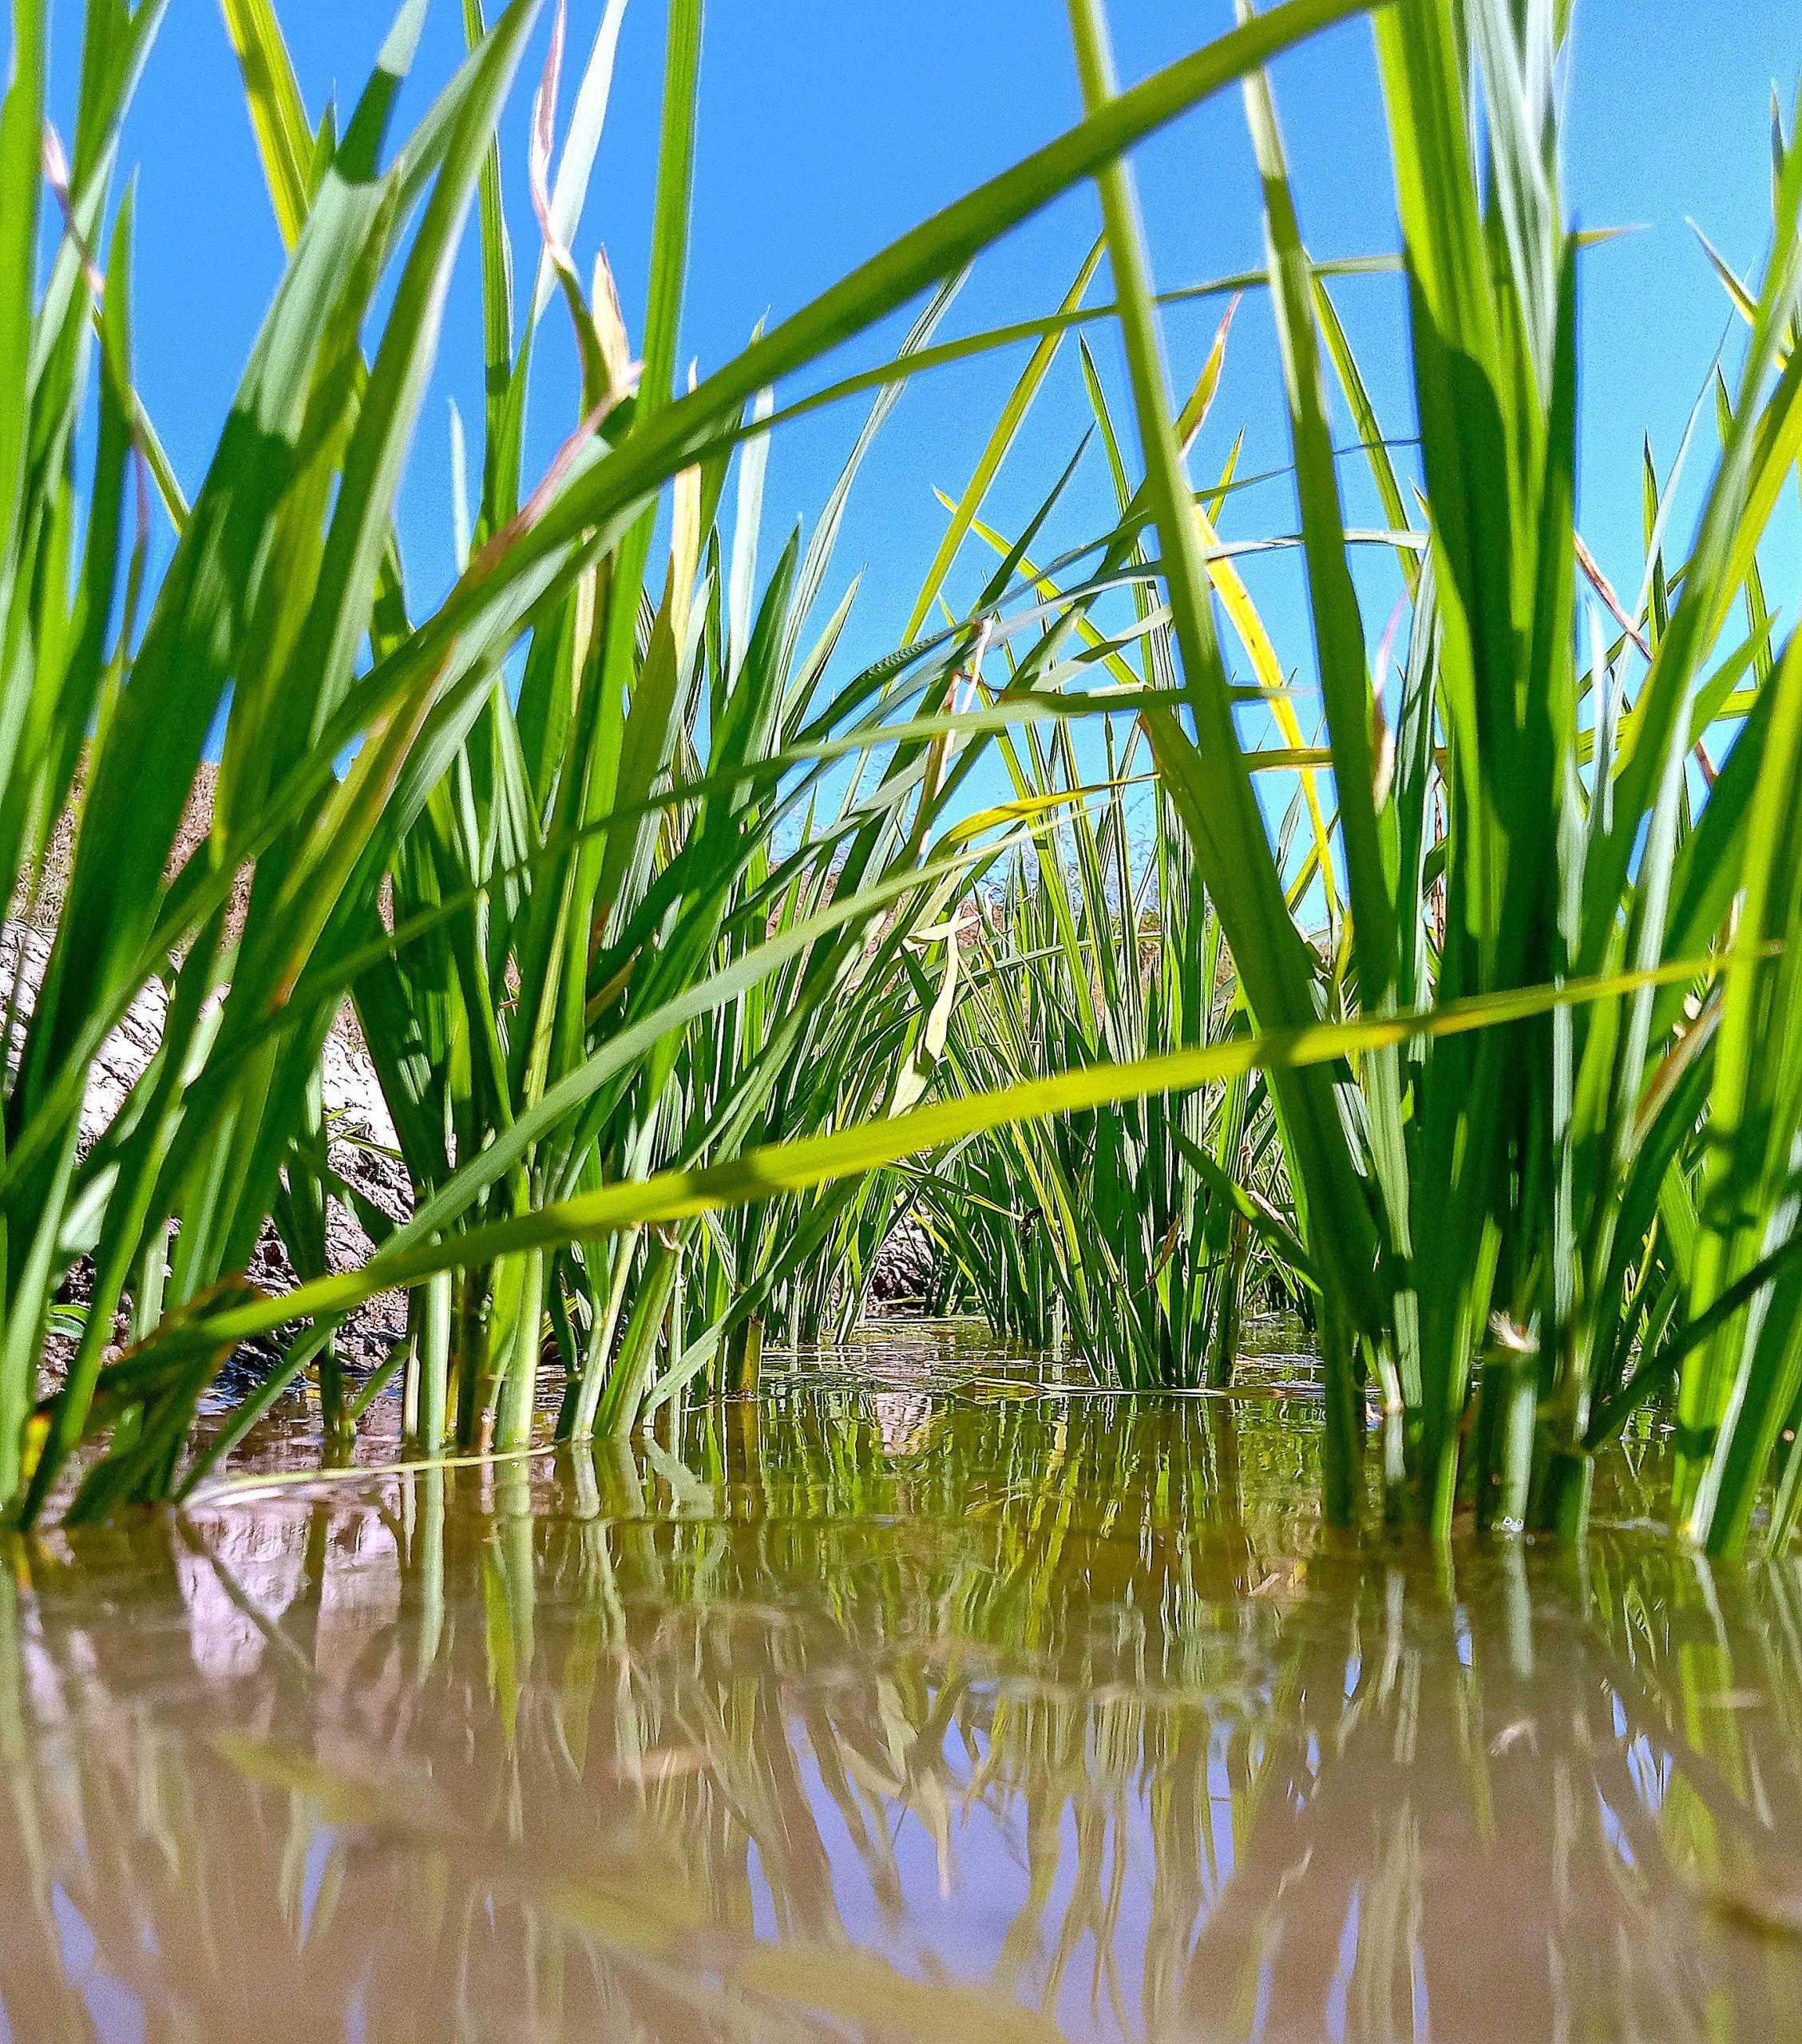 Plants in water